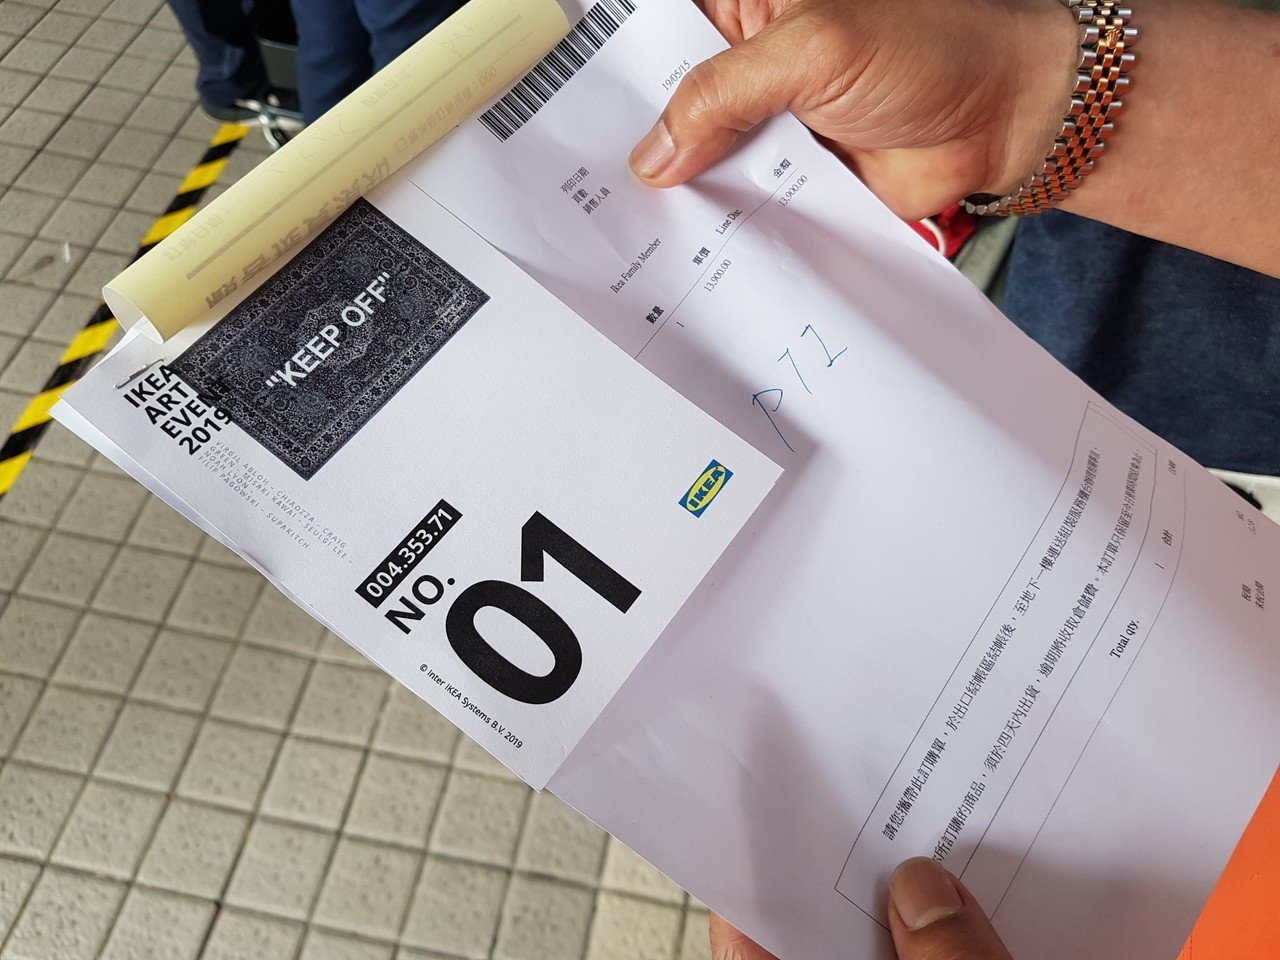 拿到「No.01」號碼牌的民眾表示,自己已經排隊5天了。記者陳睿中/攝影